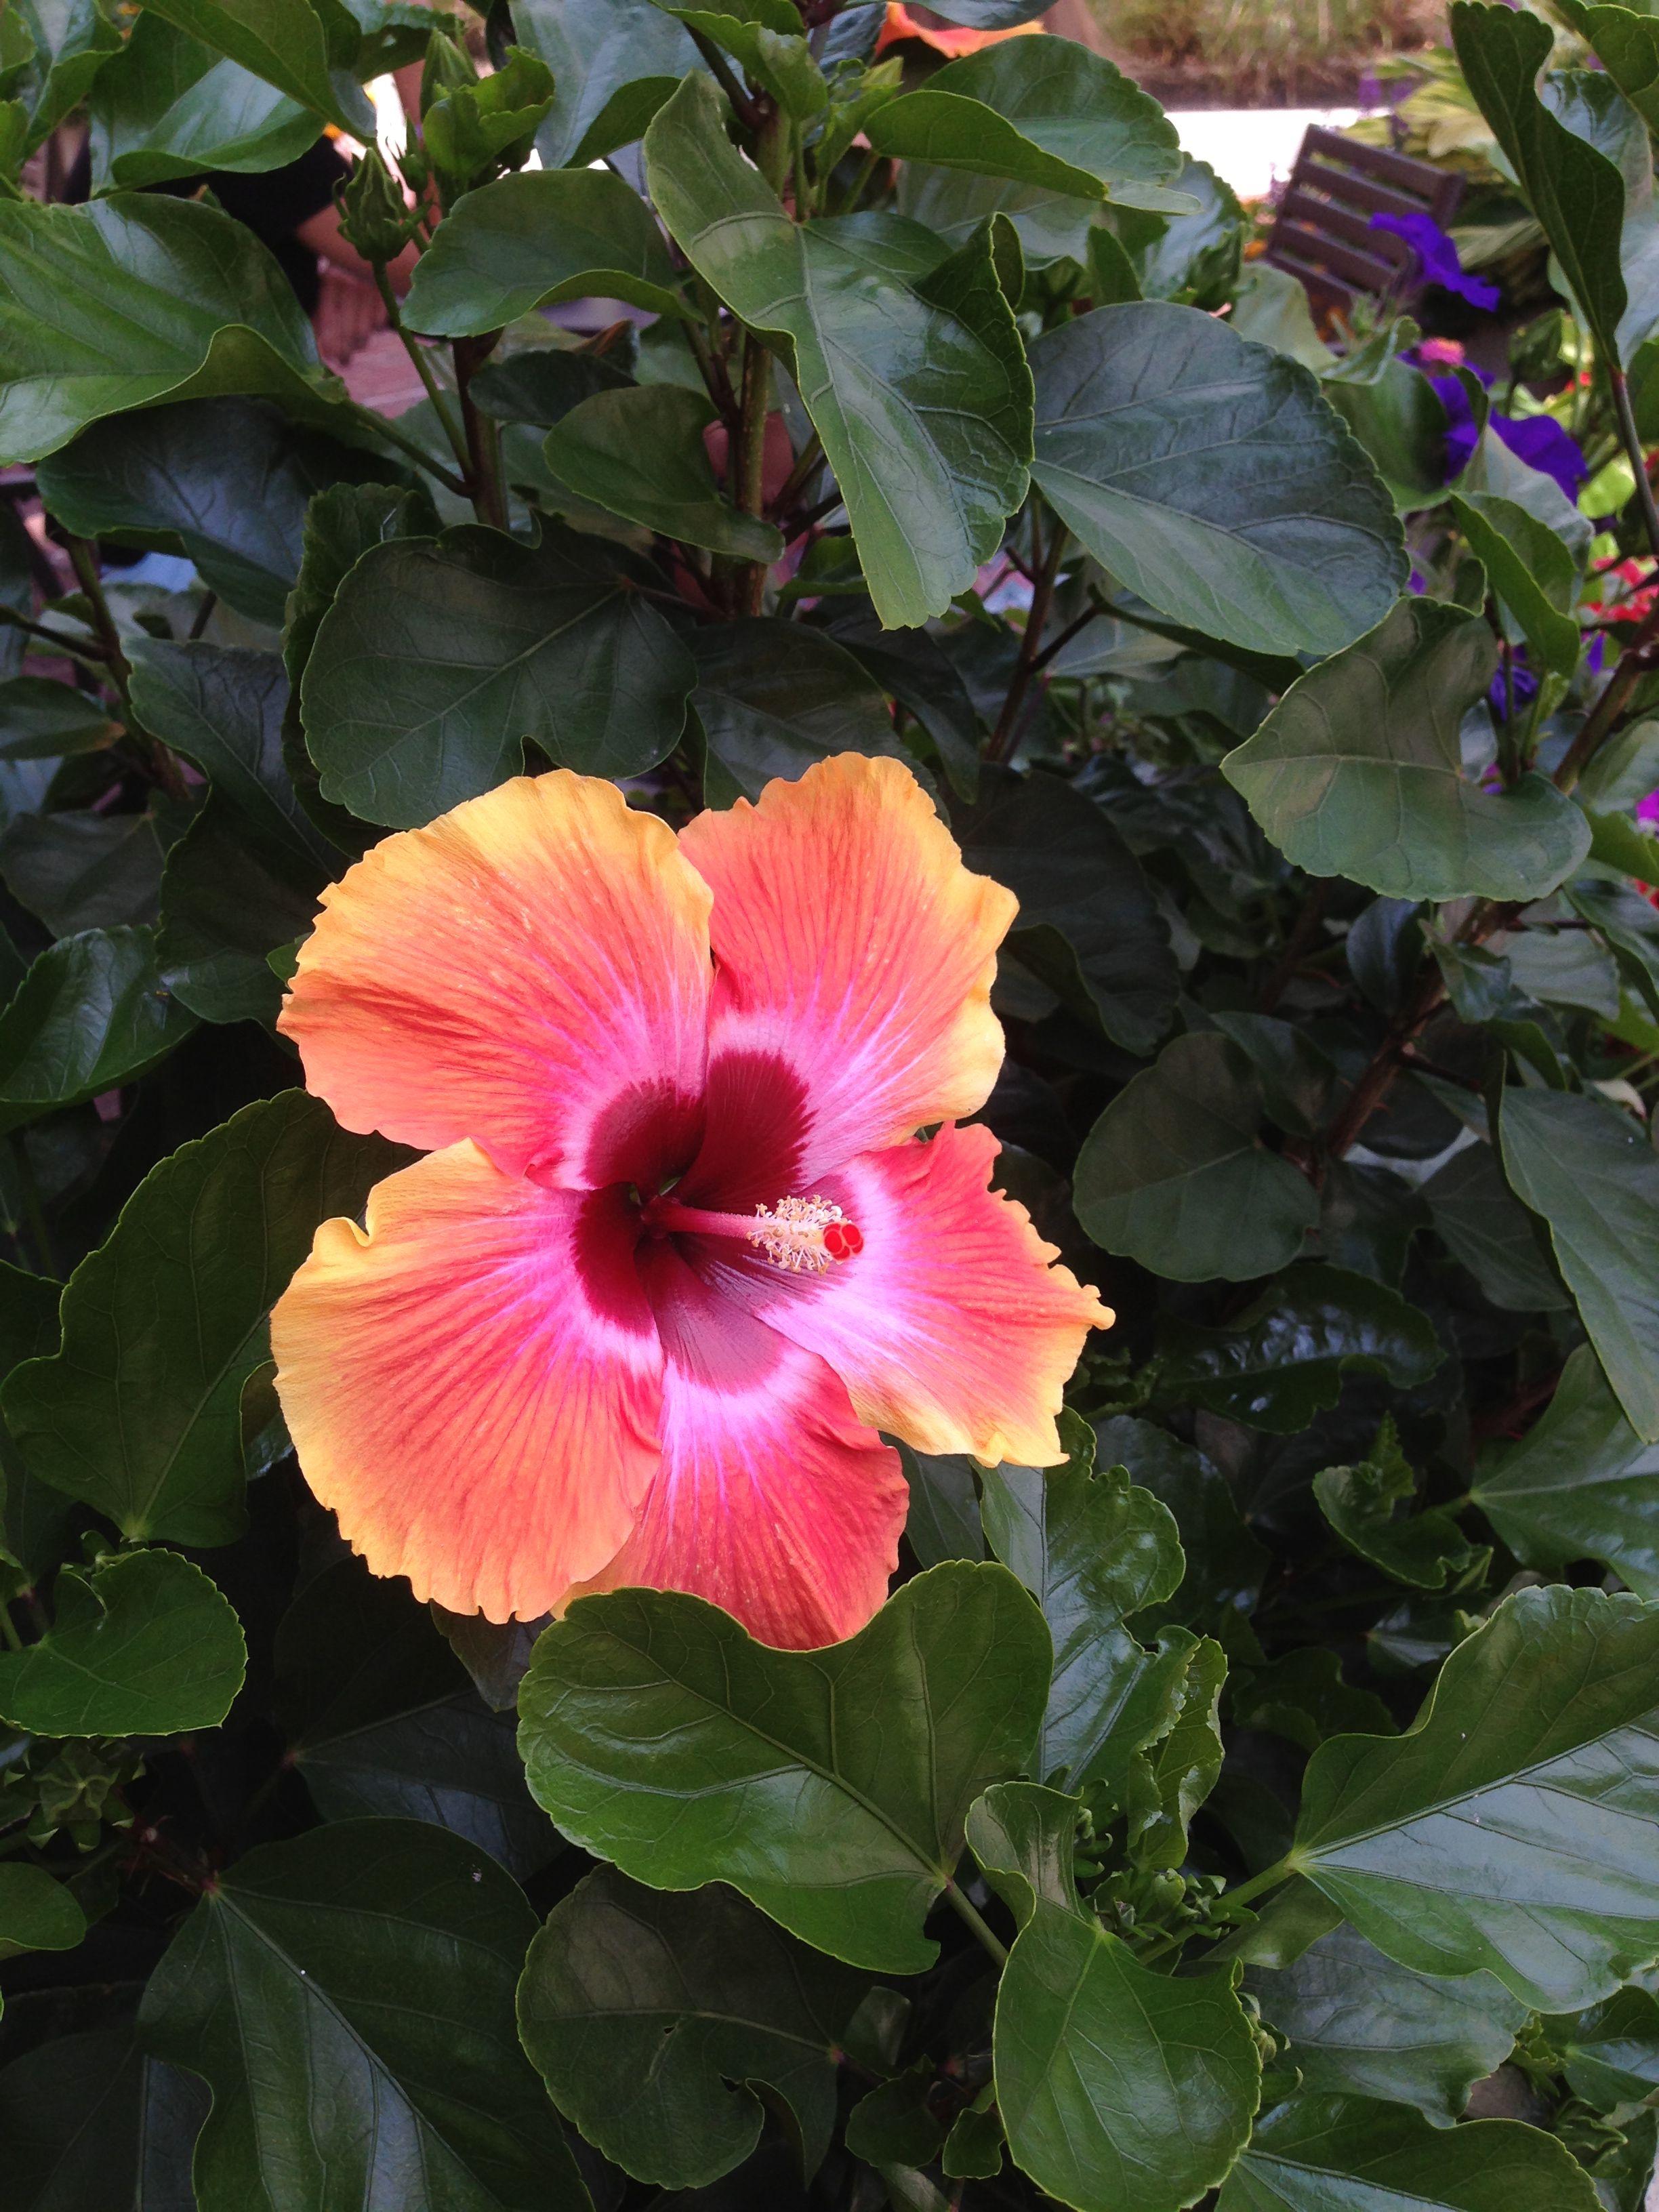 It Looks Like A Hawiian Flower Pretty Flowers Pinterest Flower